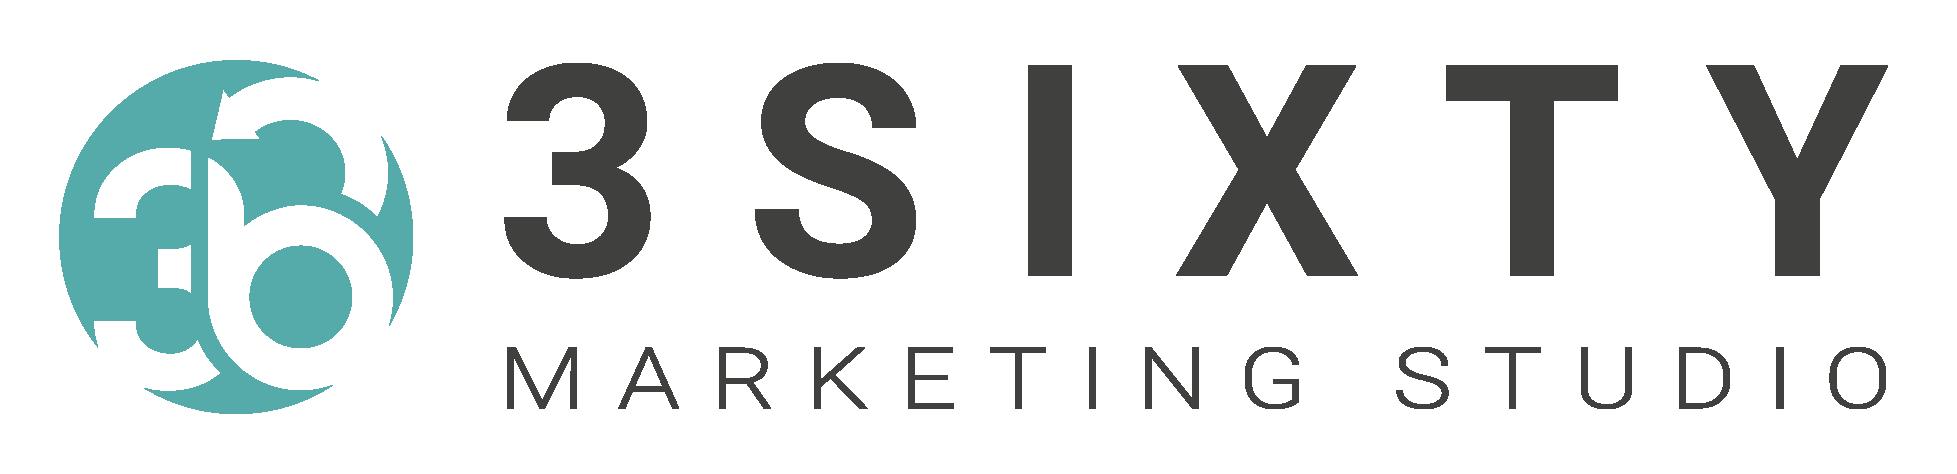 3Sixty Marketing Studio Logo - Studer Community Institute partner